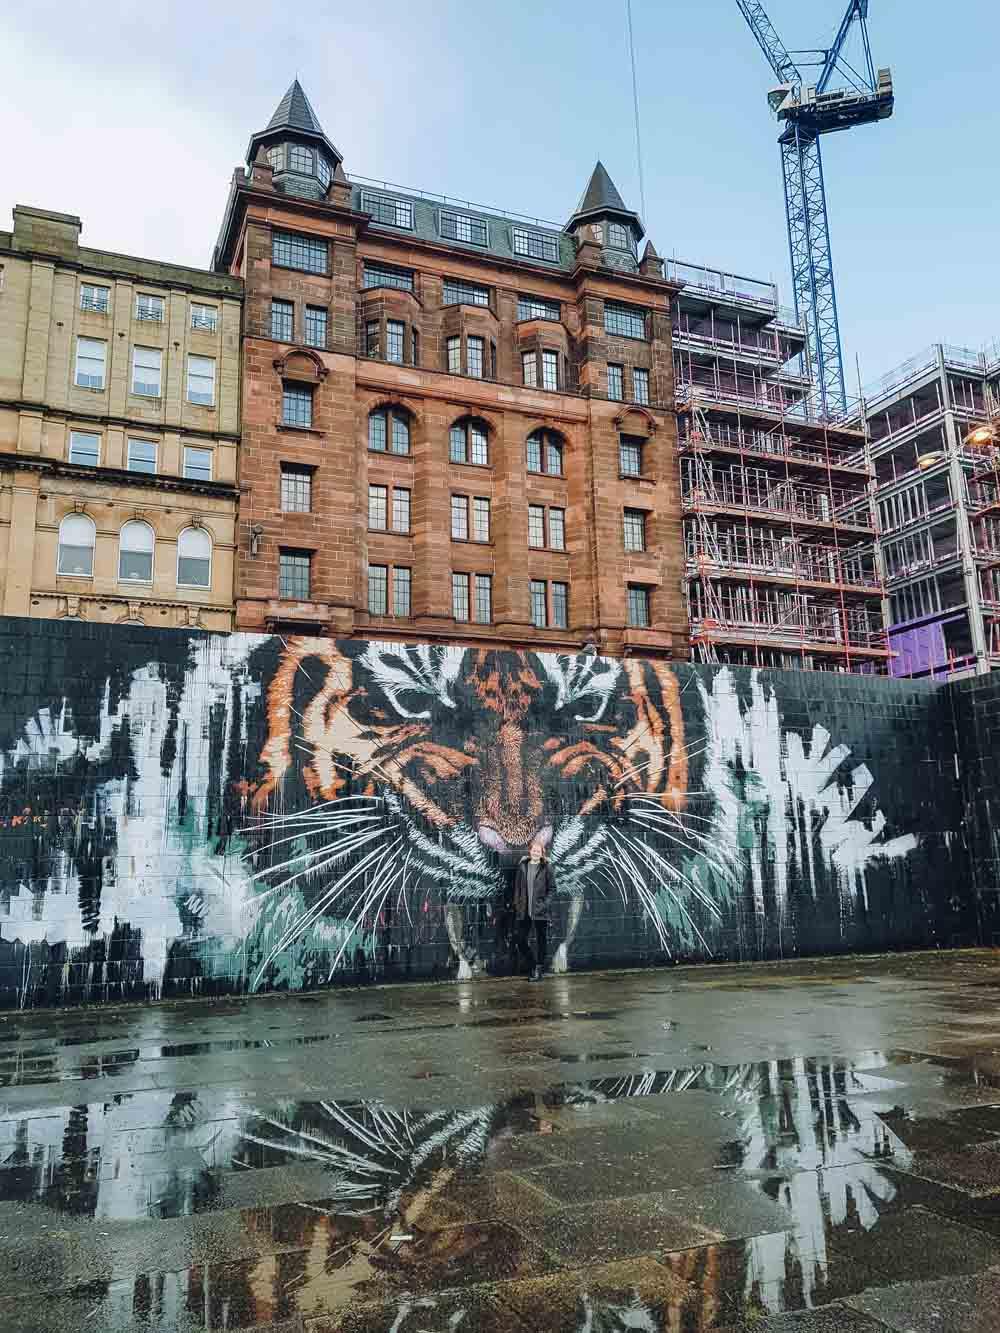 Glasgow's Tiger, Custom House Quay, Glasgow - Map of Joy